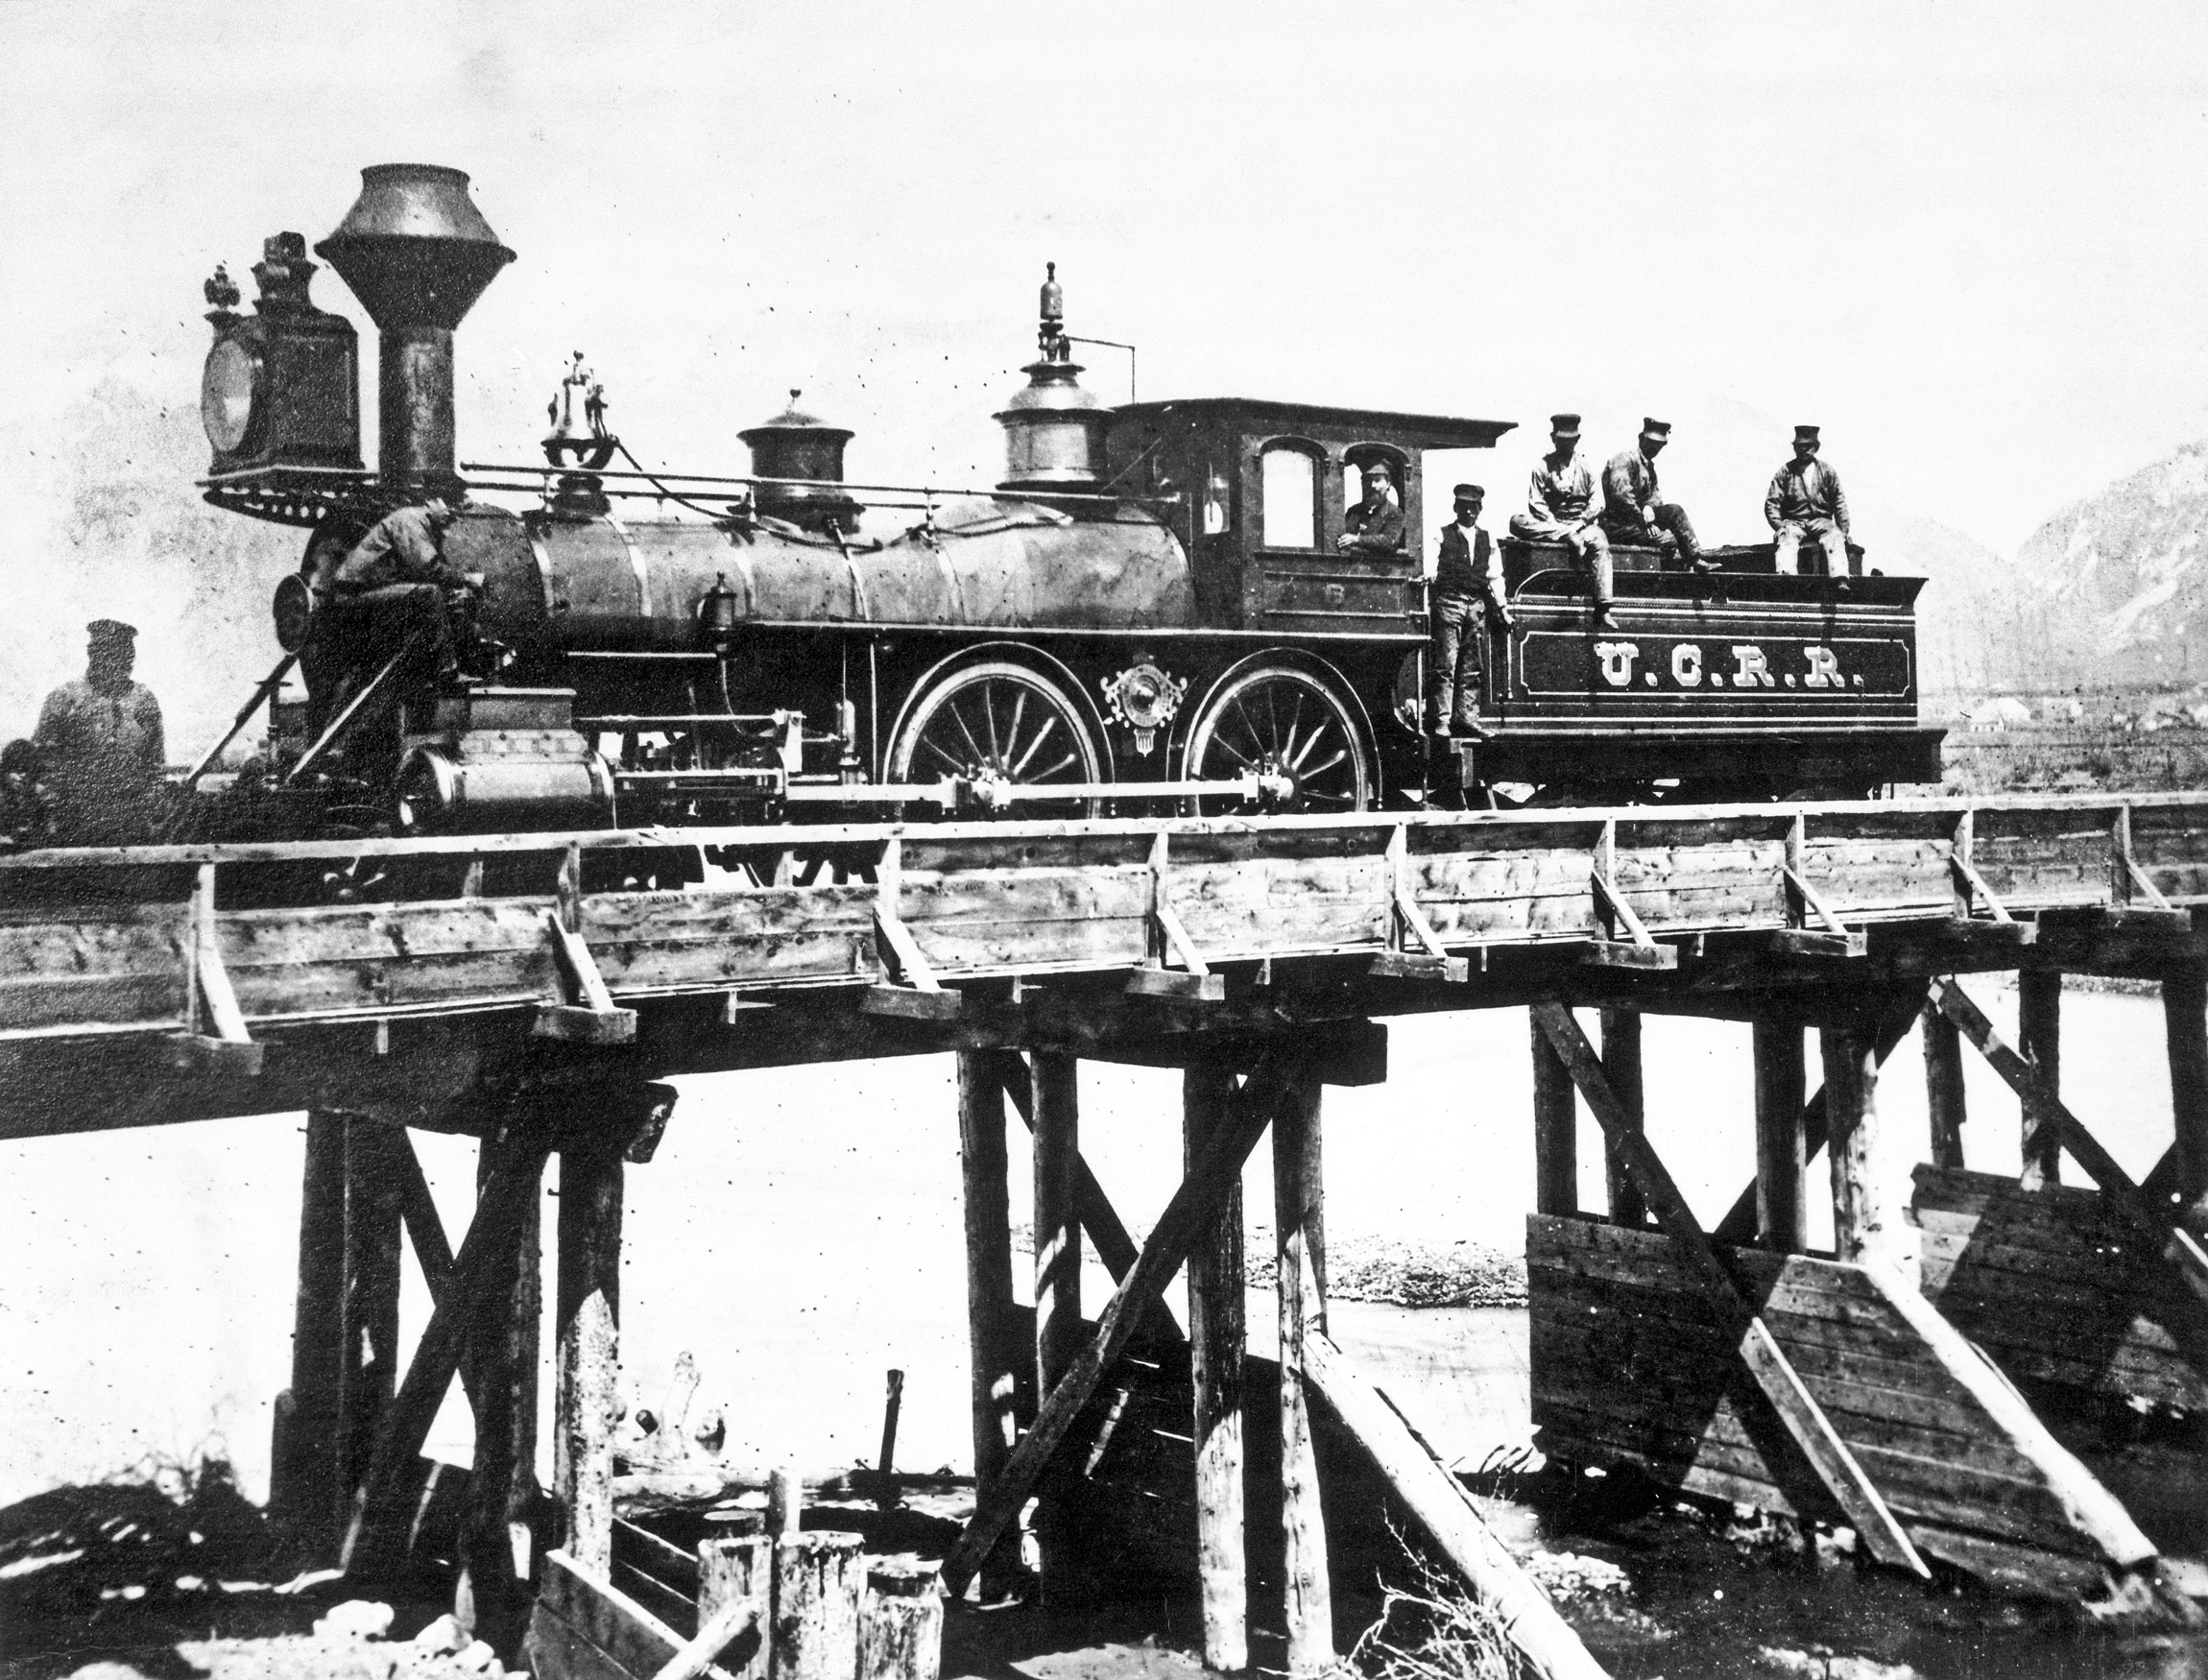 从英国到美国,每次大国的崛起都离不开工业革命。图为奥格登和盐湖之间在犹他州中央铁路上运行的第一台发动机。